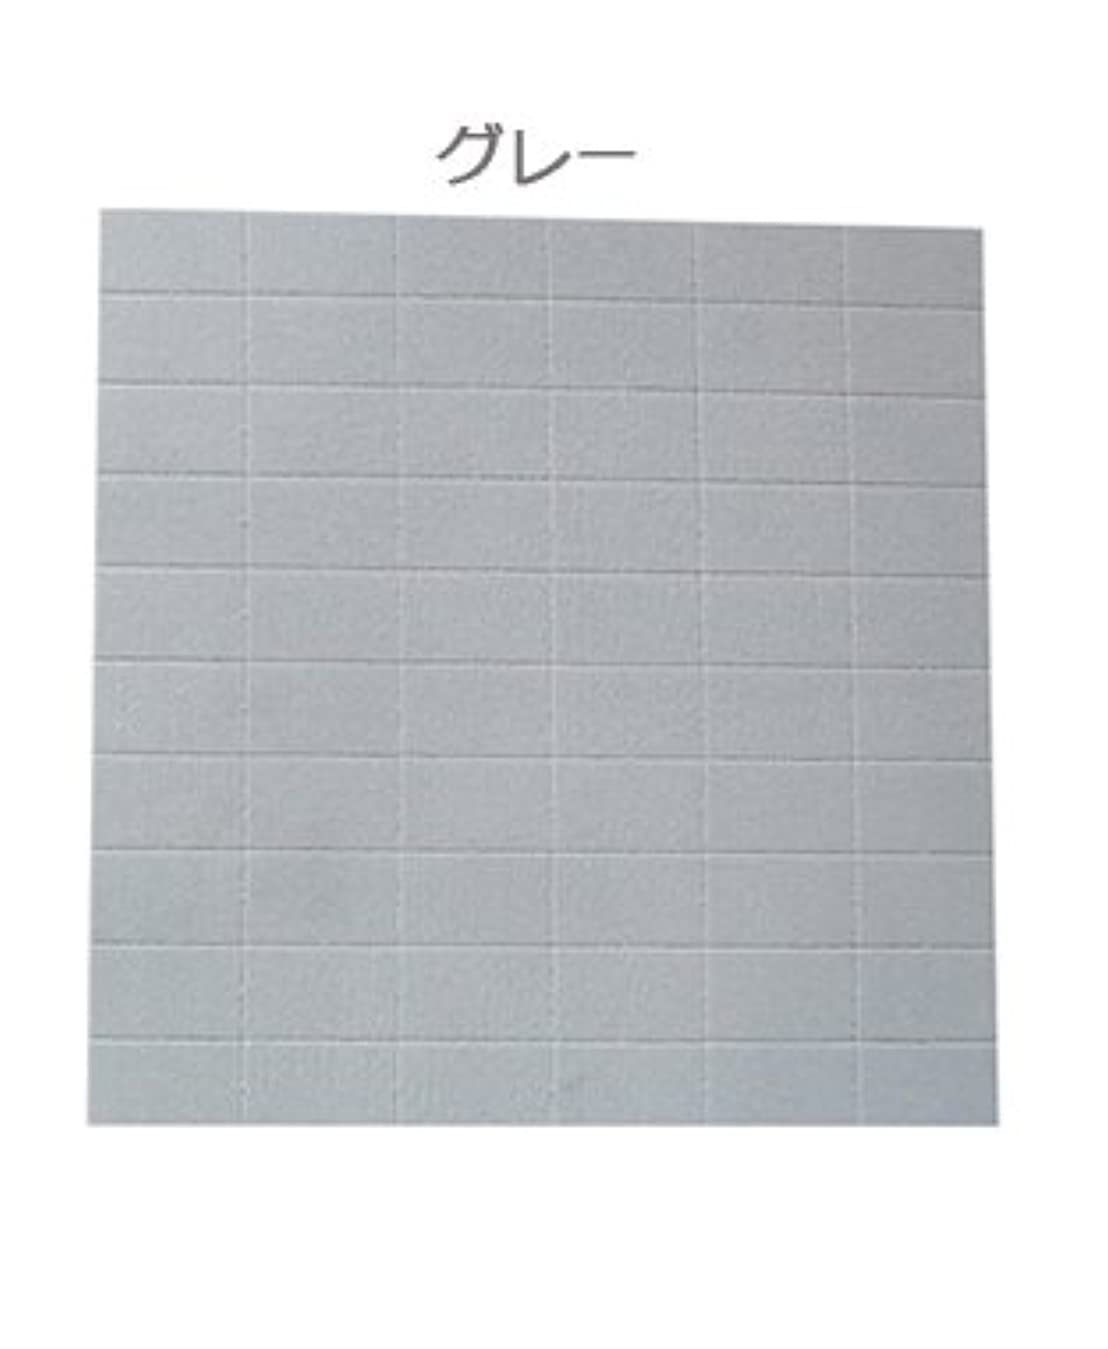 読書第九最大のネイル用ミニブロック60個/2wayスポンジファイル ☆150G/180G (グレー)